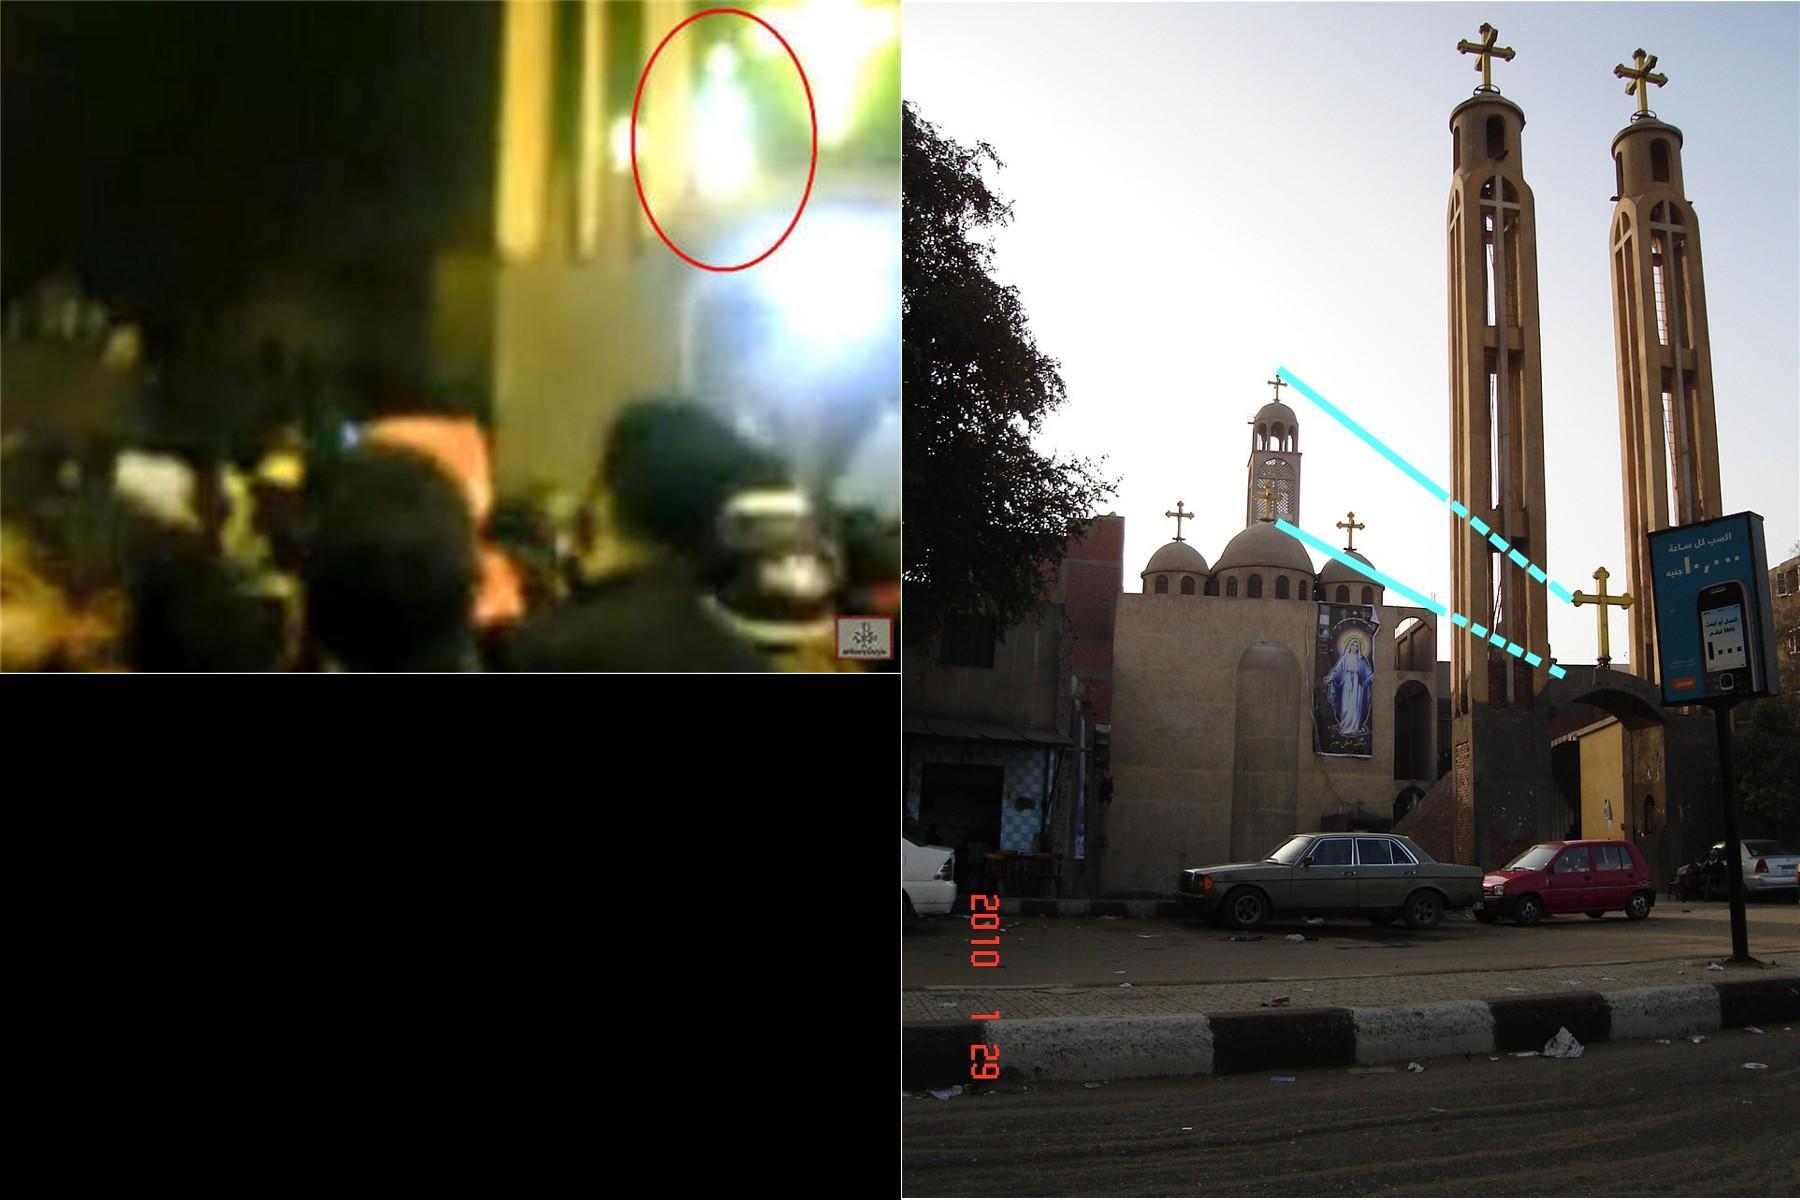 Miles Vieron a la Virgen: Apariciones en Omrania Gharbia, Giza, Gran Cairo, Egipto (12 jul)